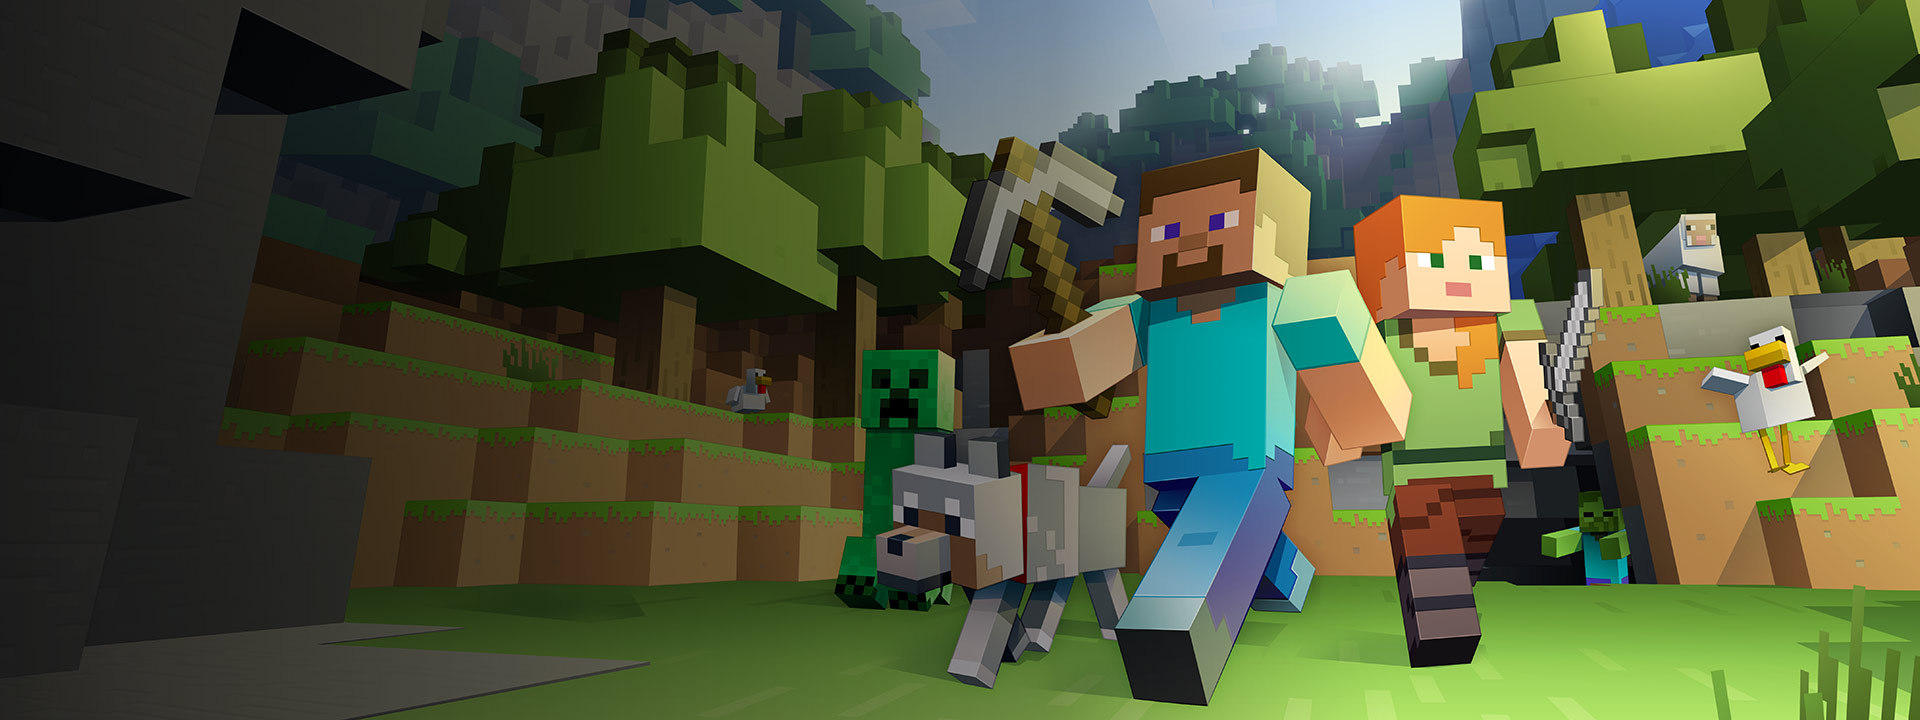 MinecraftAnmeldung Xbox - Minecraft spielen ohne download und ohne anmeldung kostenlos